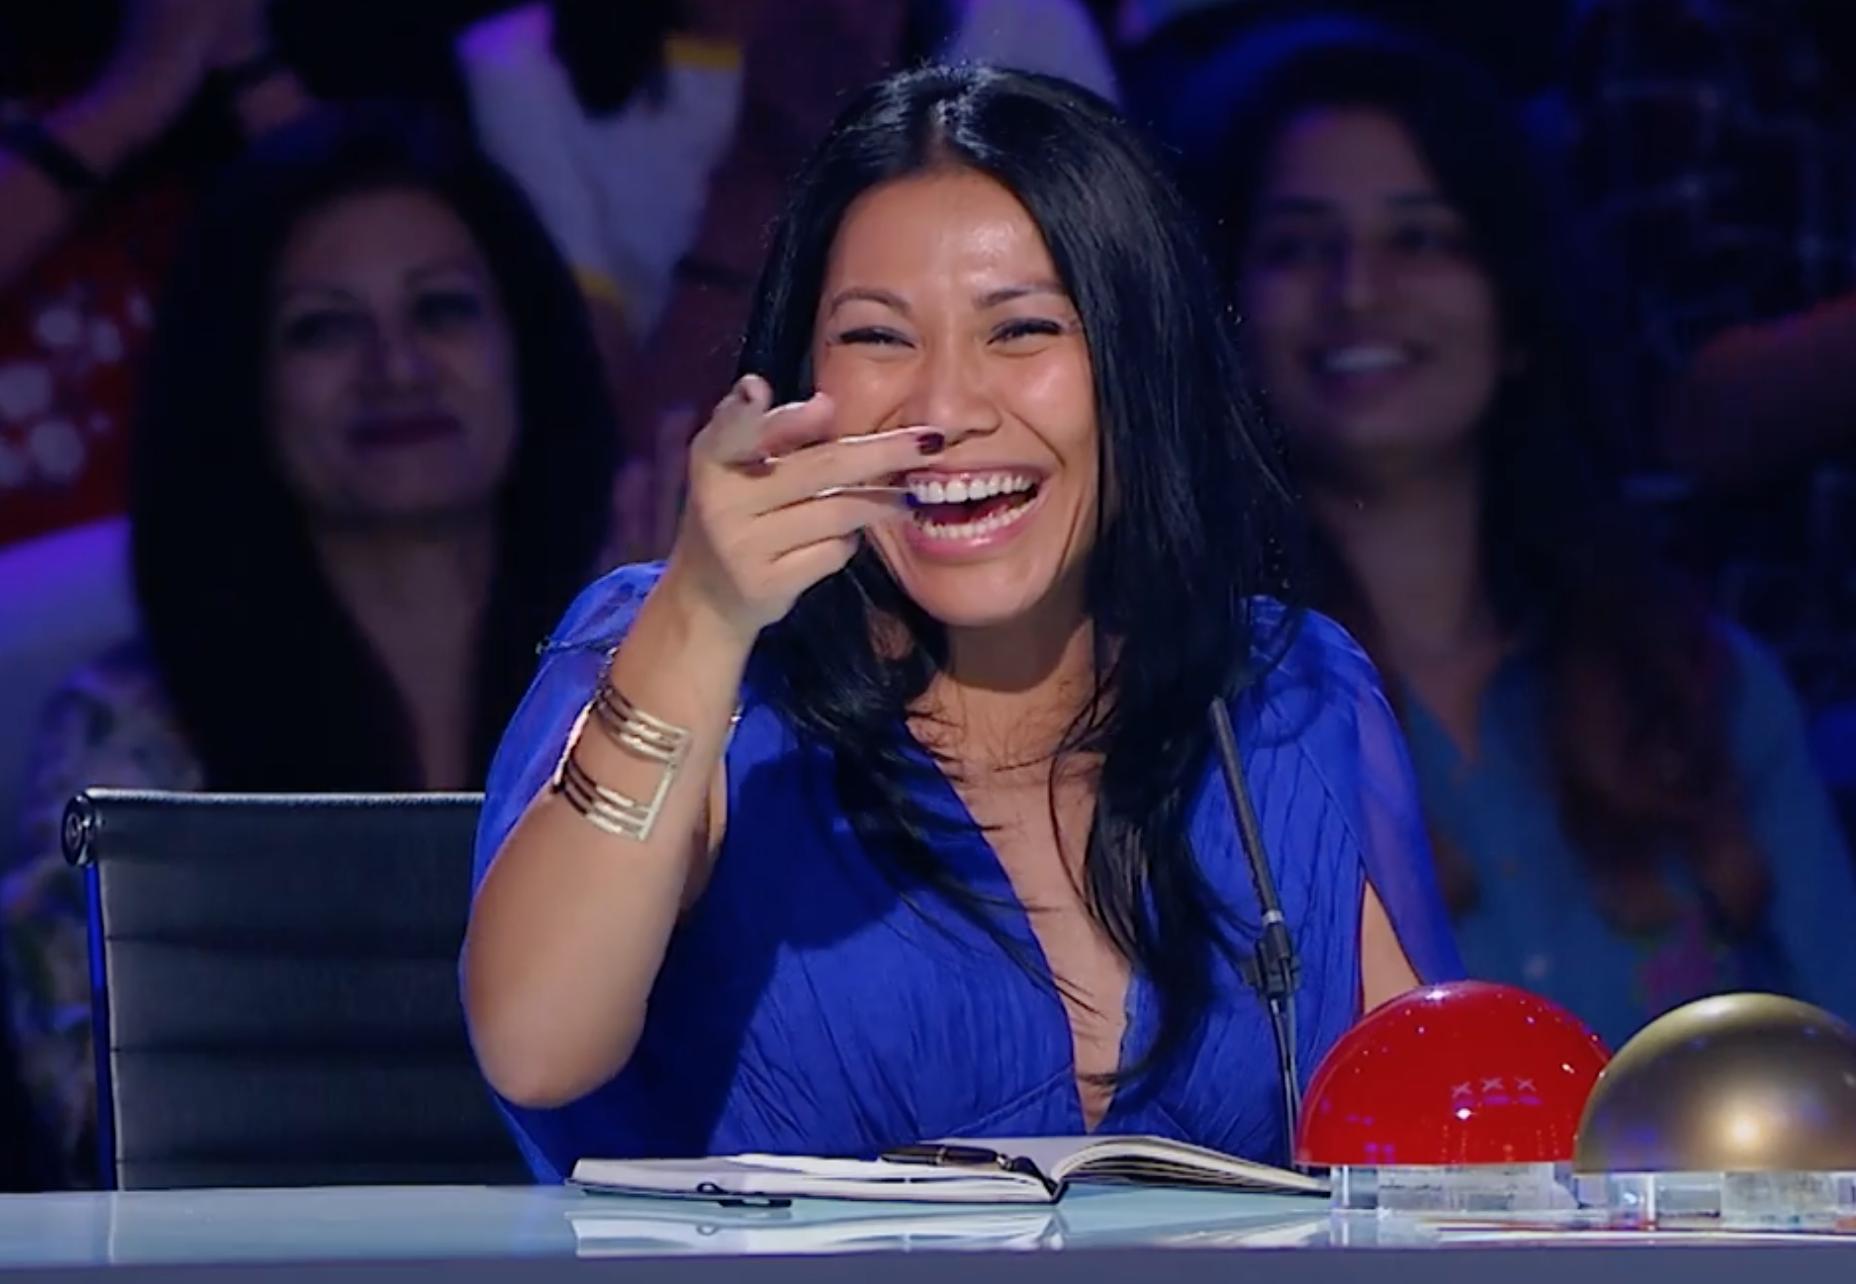 Cặp đôi nhí Việt Nam khiến các giám khảo Asias Got Talent cười tít mắt vì quá đáng yêu - Ảnh 7.